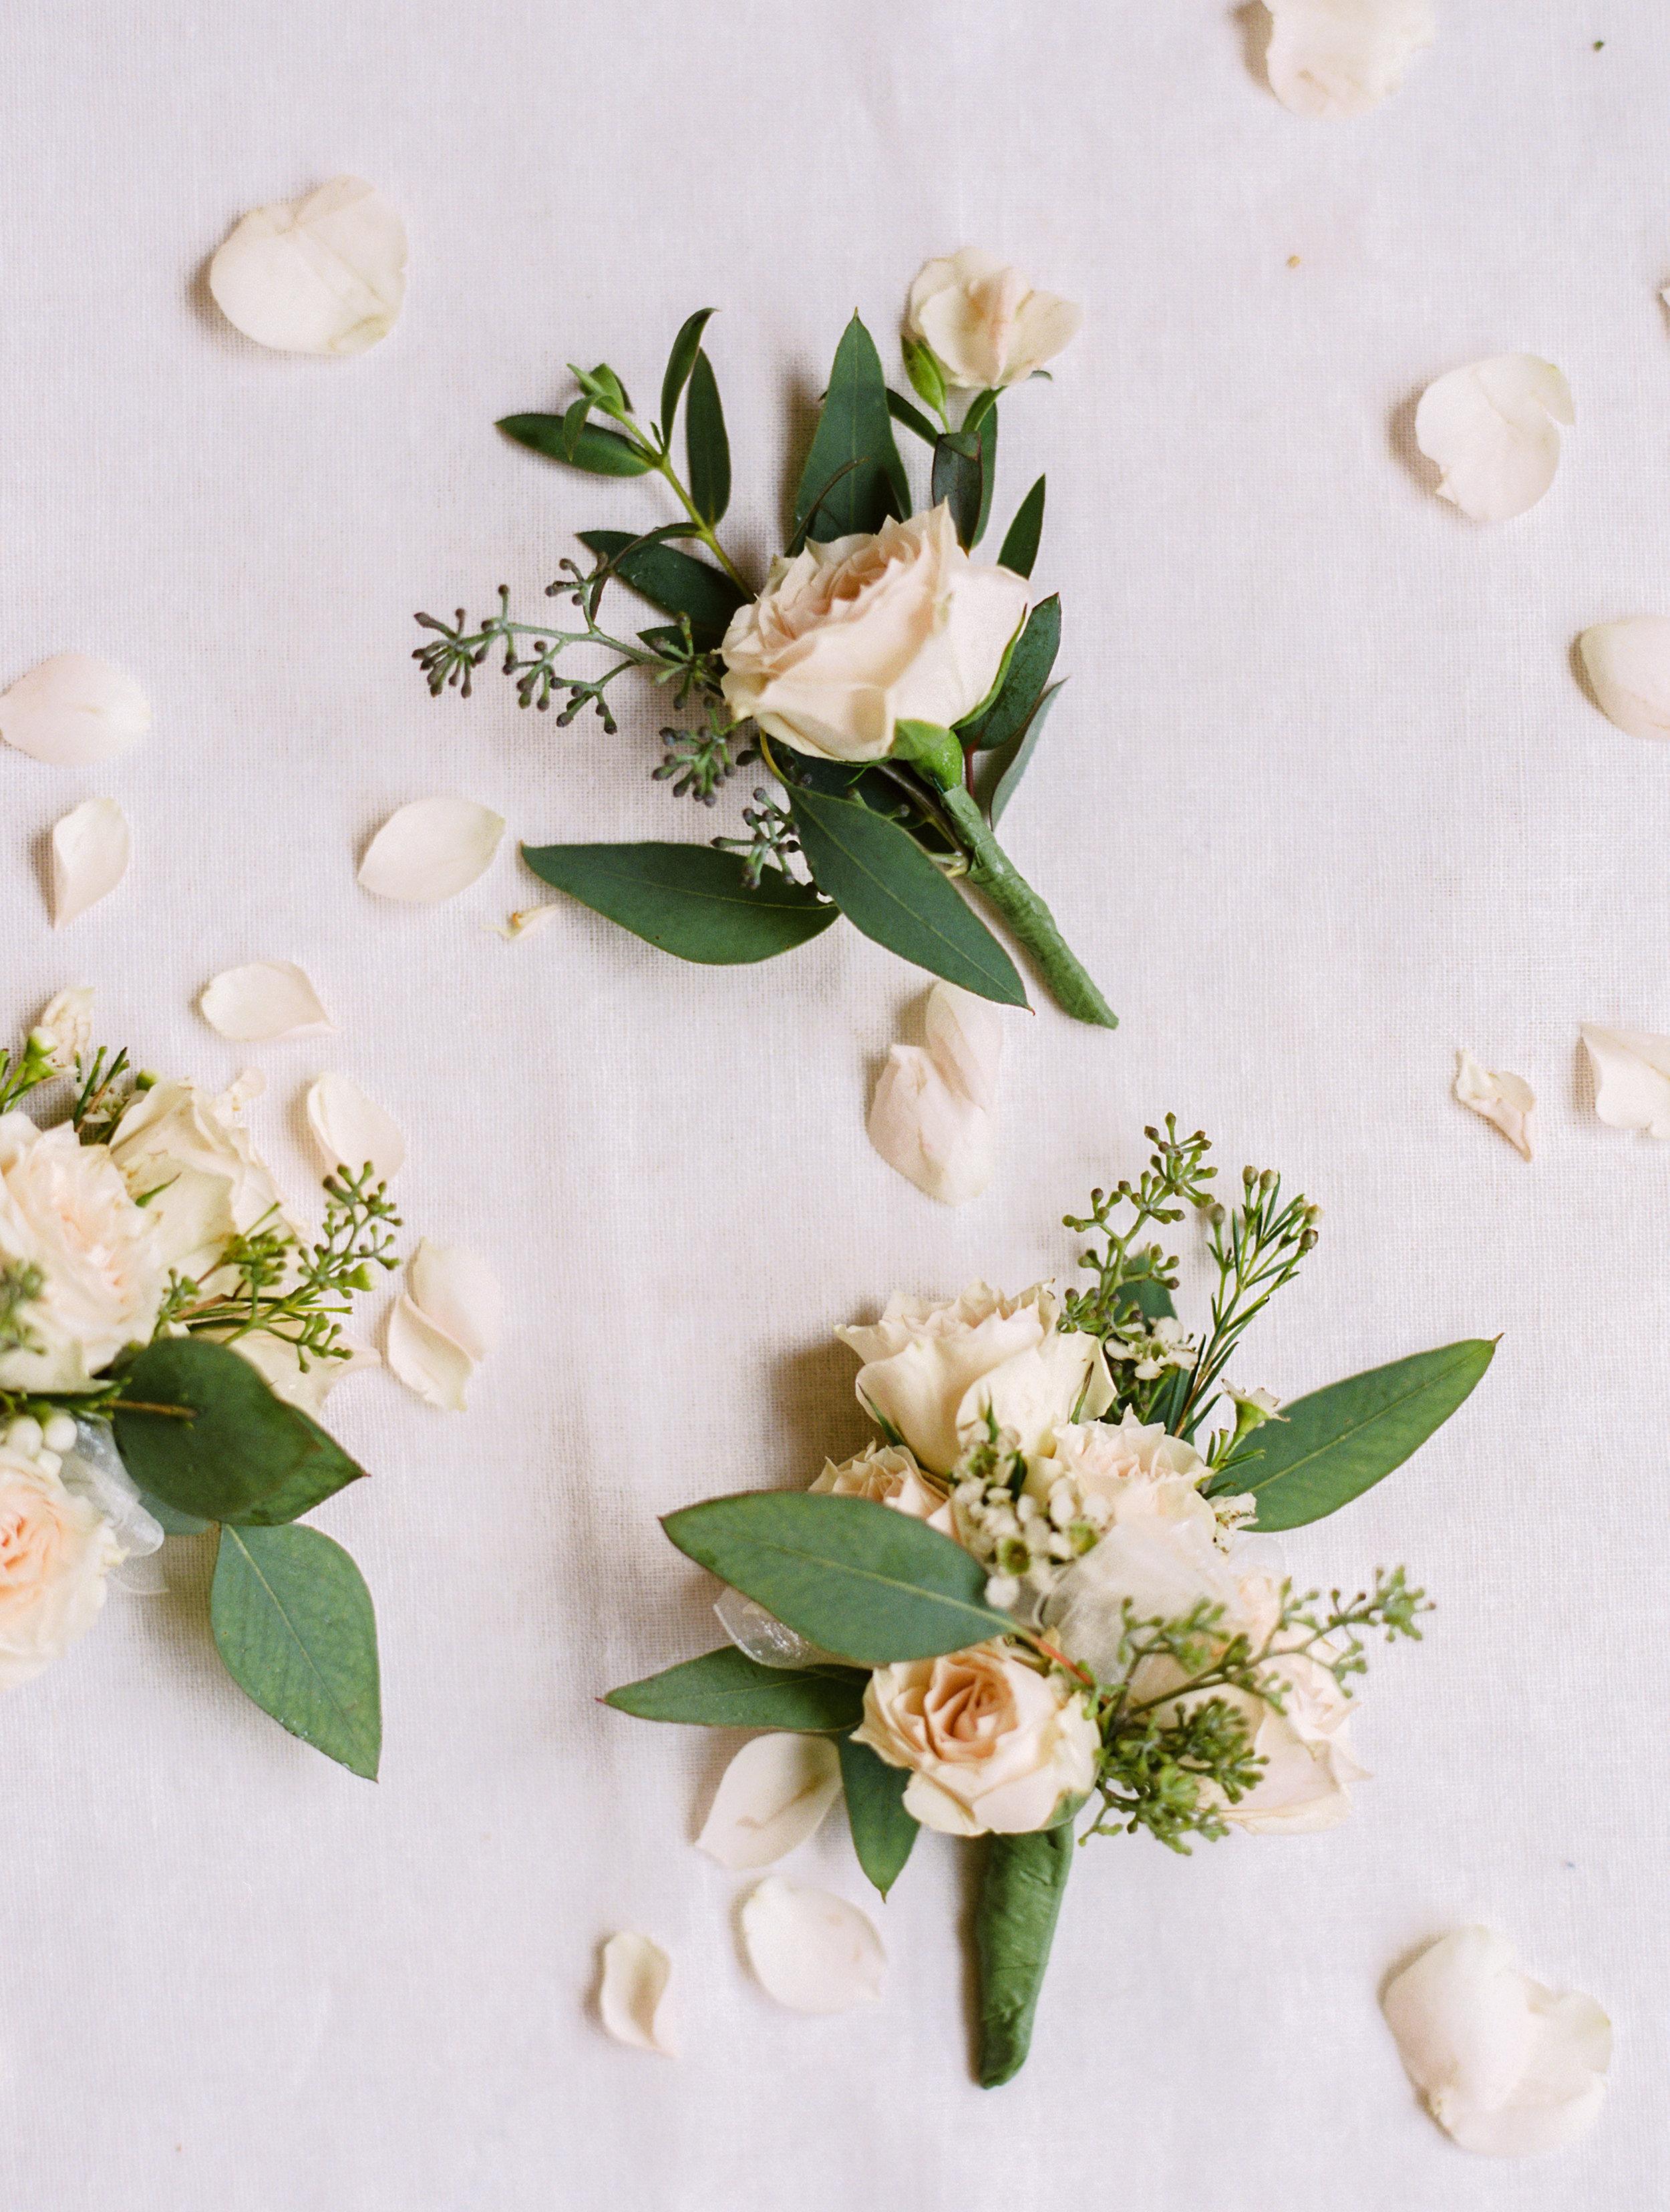 Steiner+Wedding+Details-39.jpg